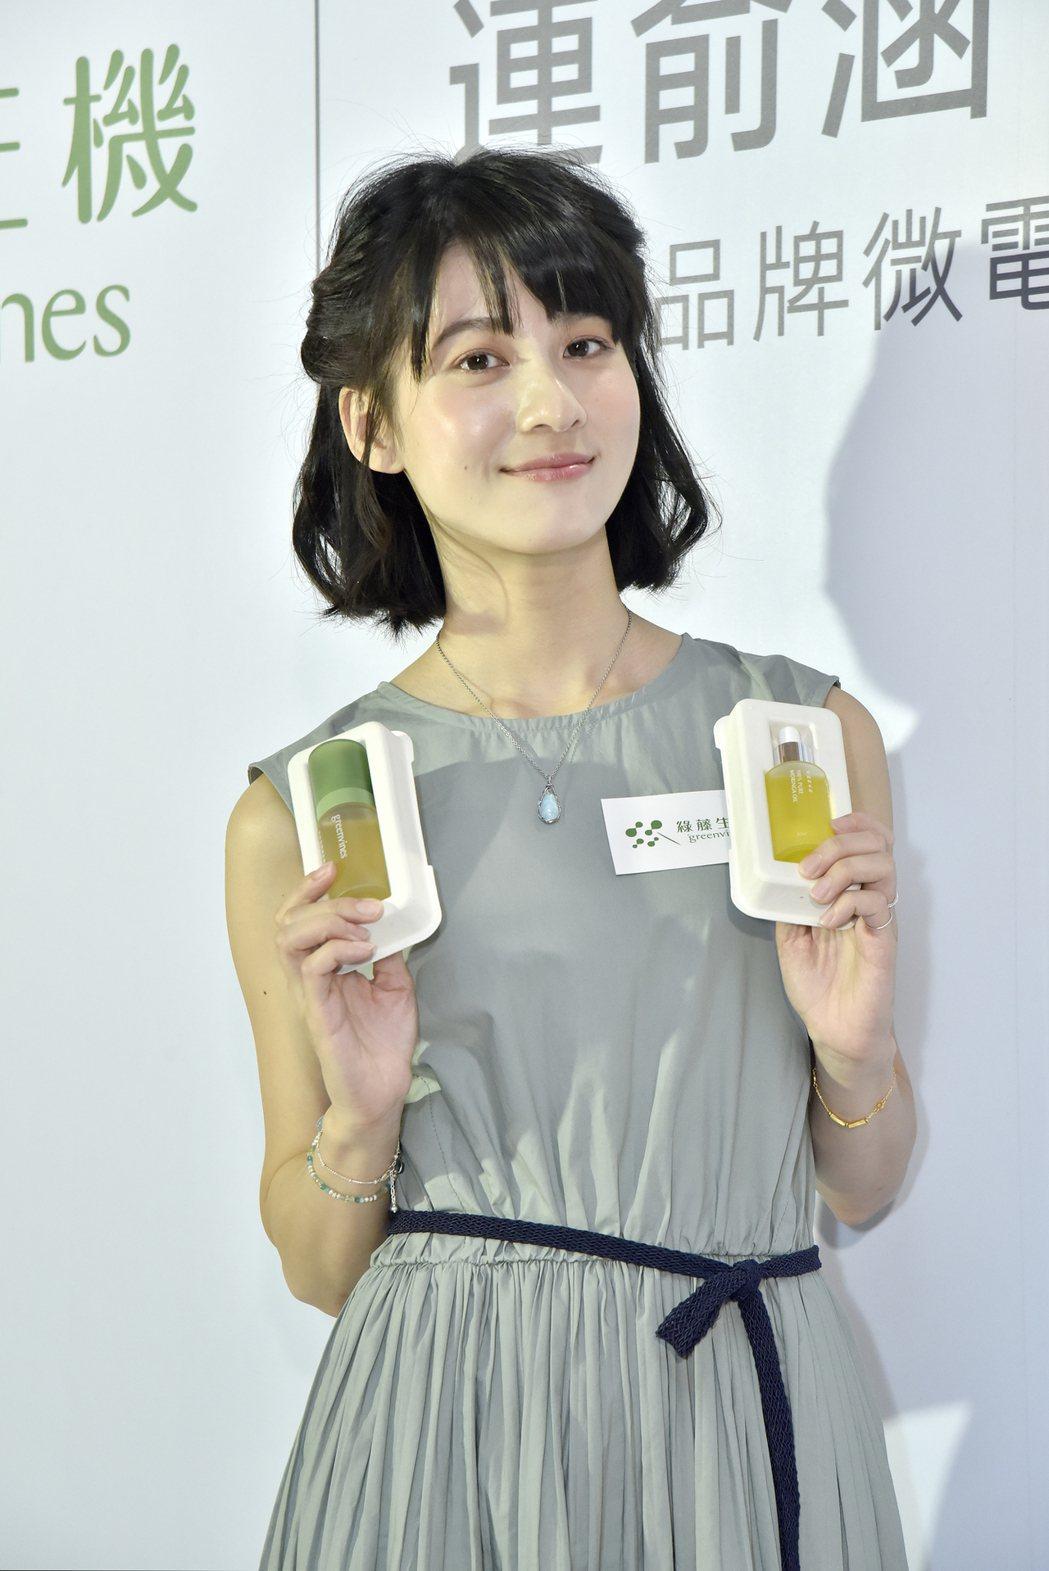 連俞涵出席代言保養品微電影發表會。圖/綠藤生機提供